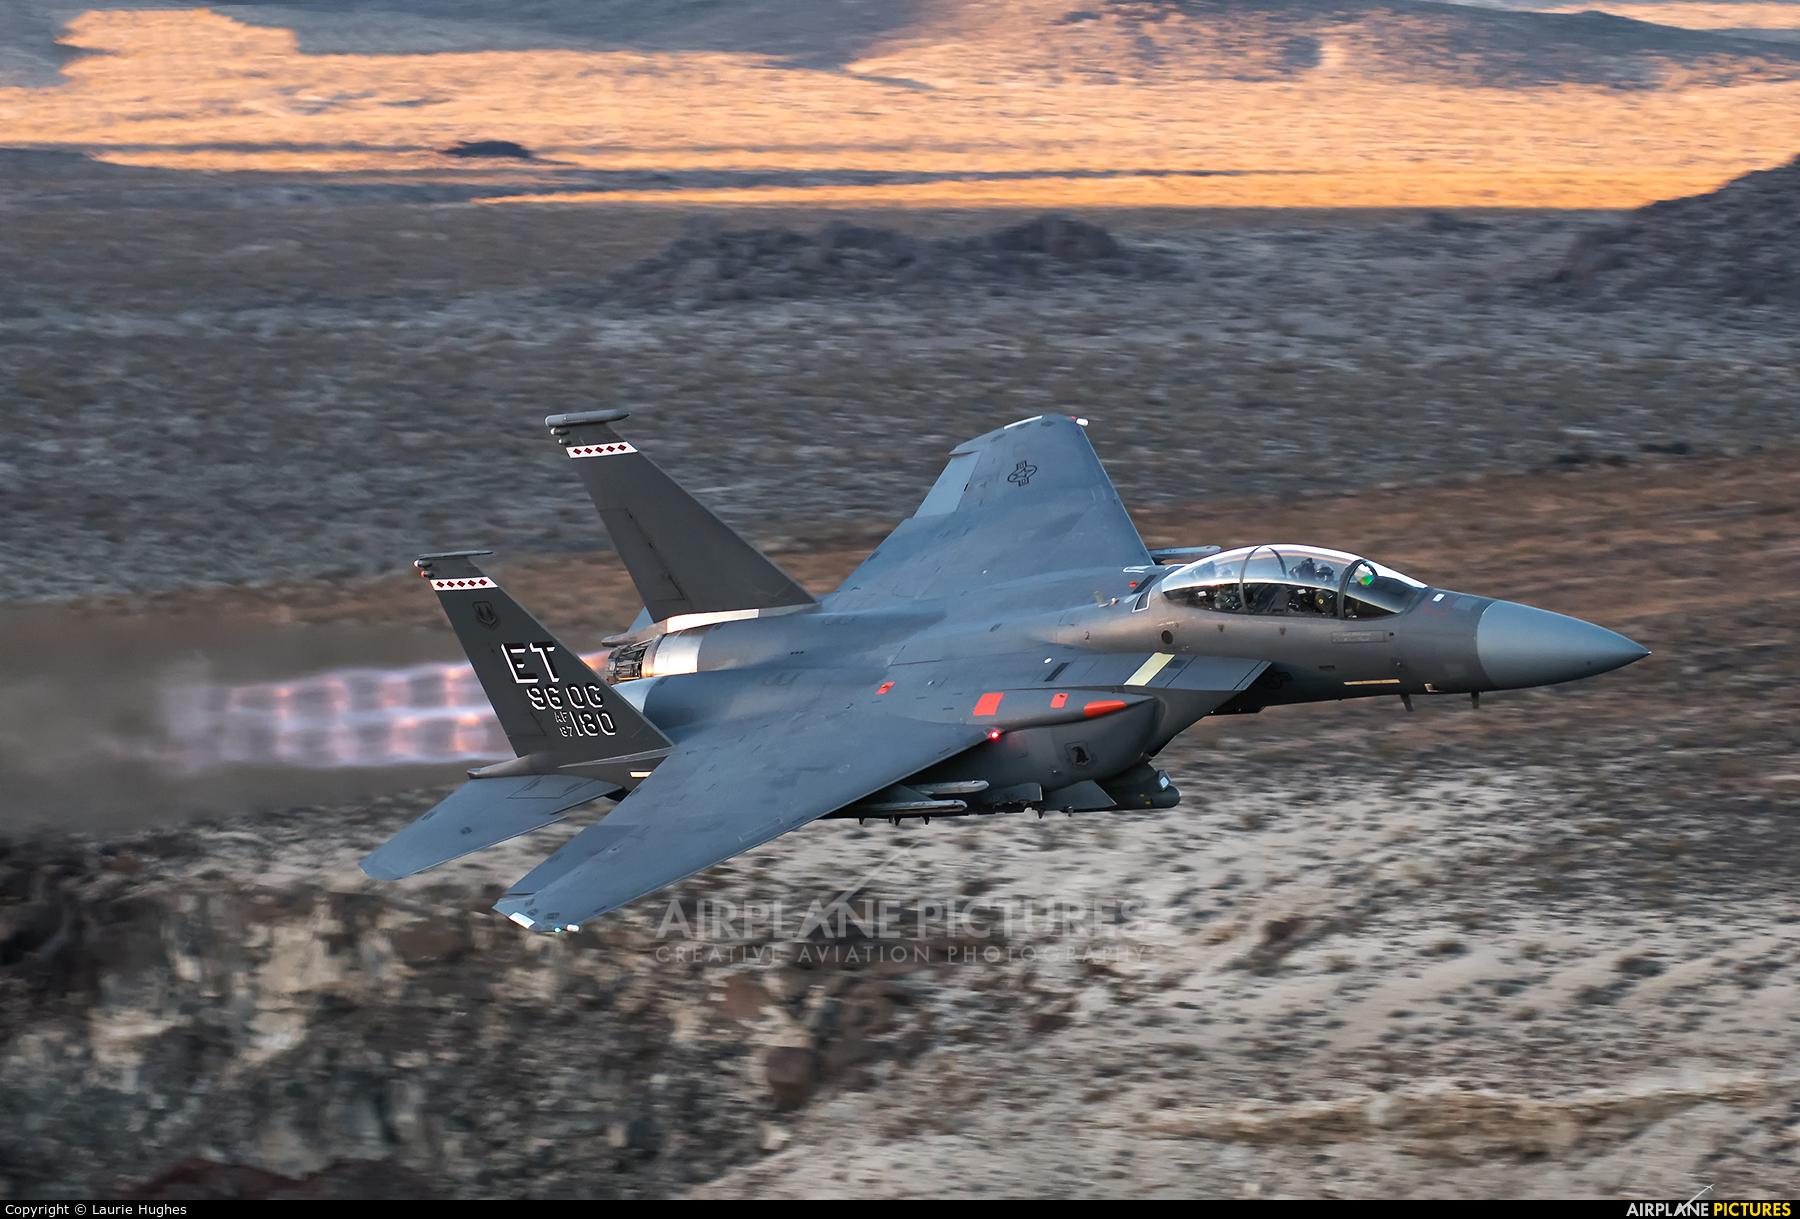 USA - Air Force 87-0180 aircraft at Rainbow Canyon - Off Airport